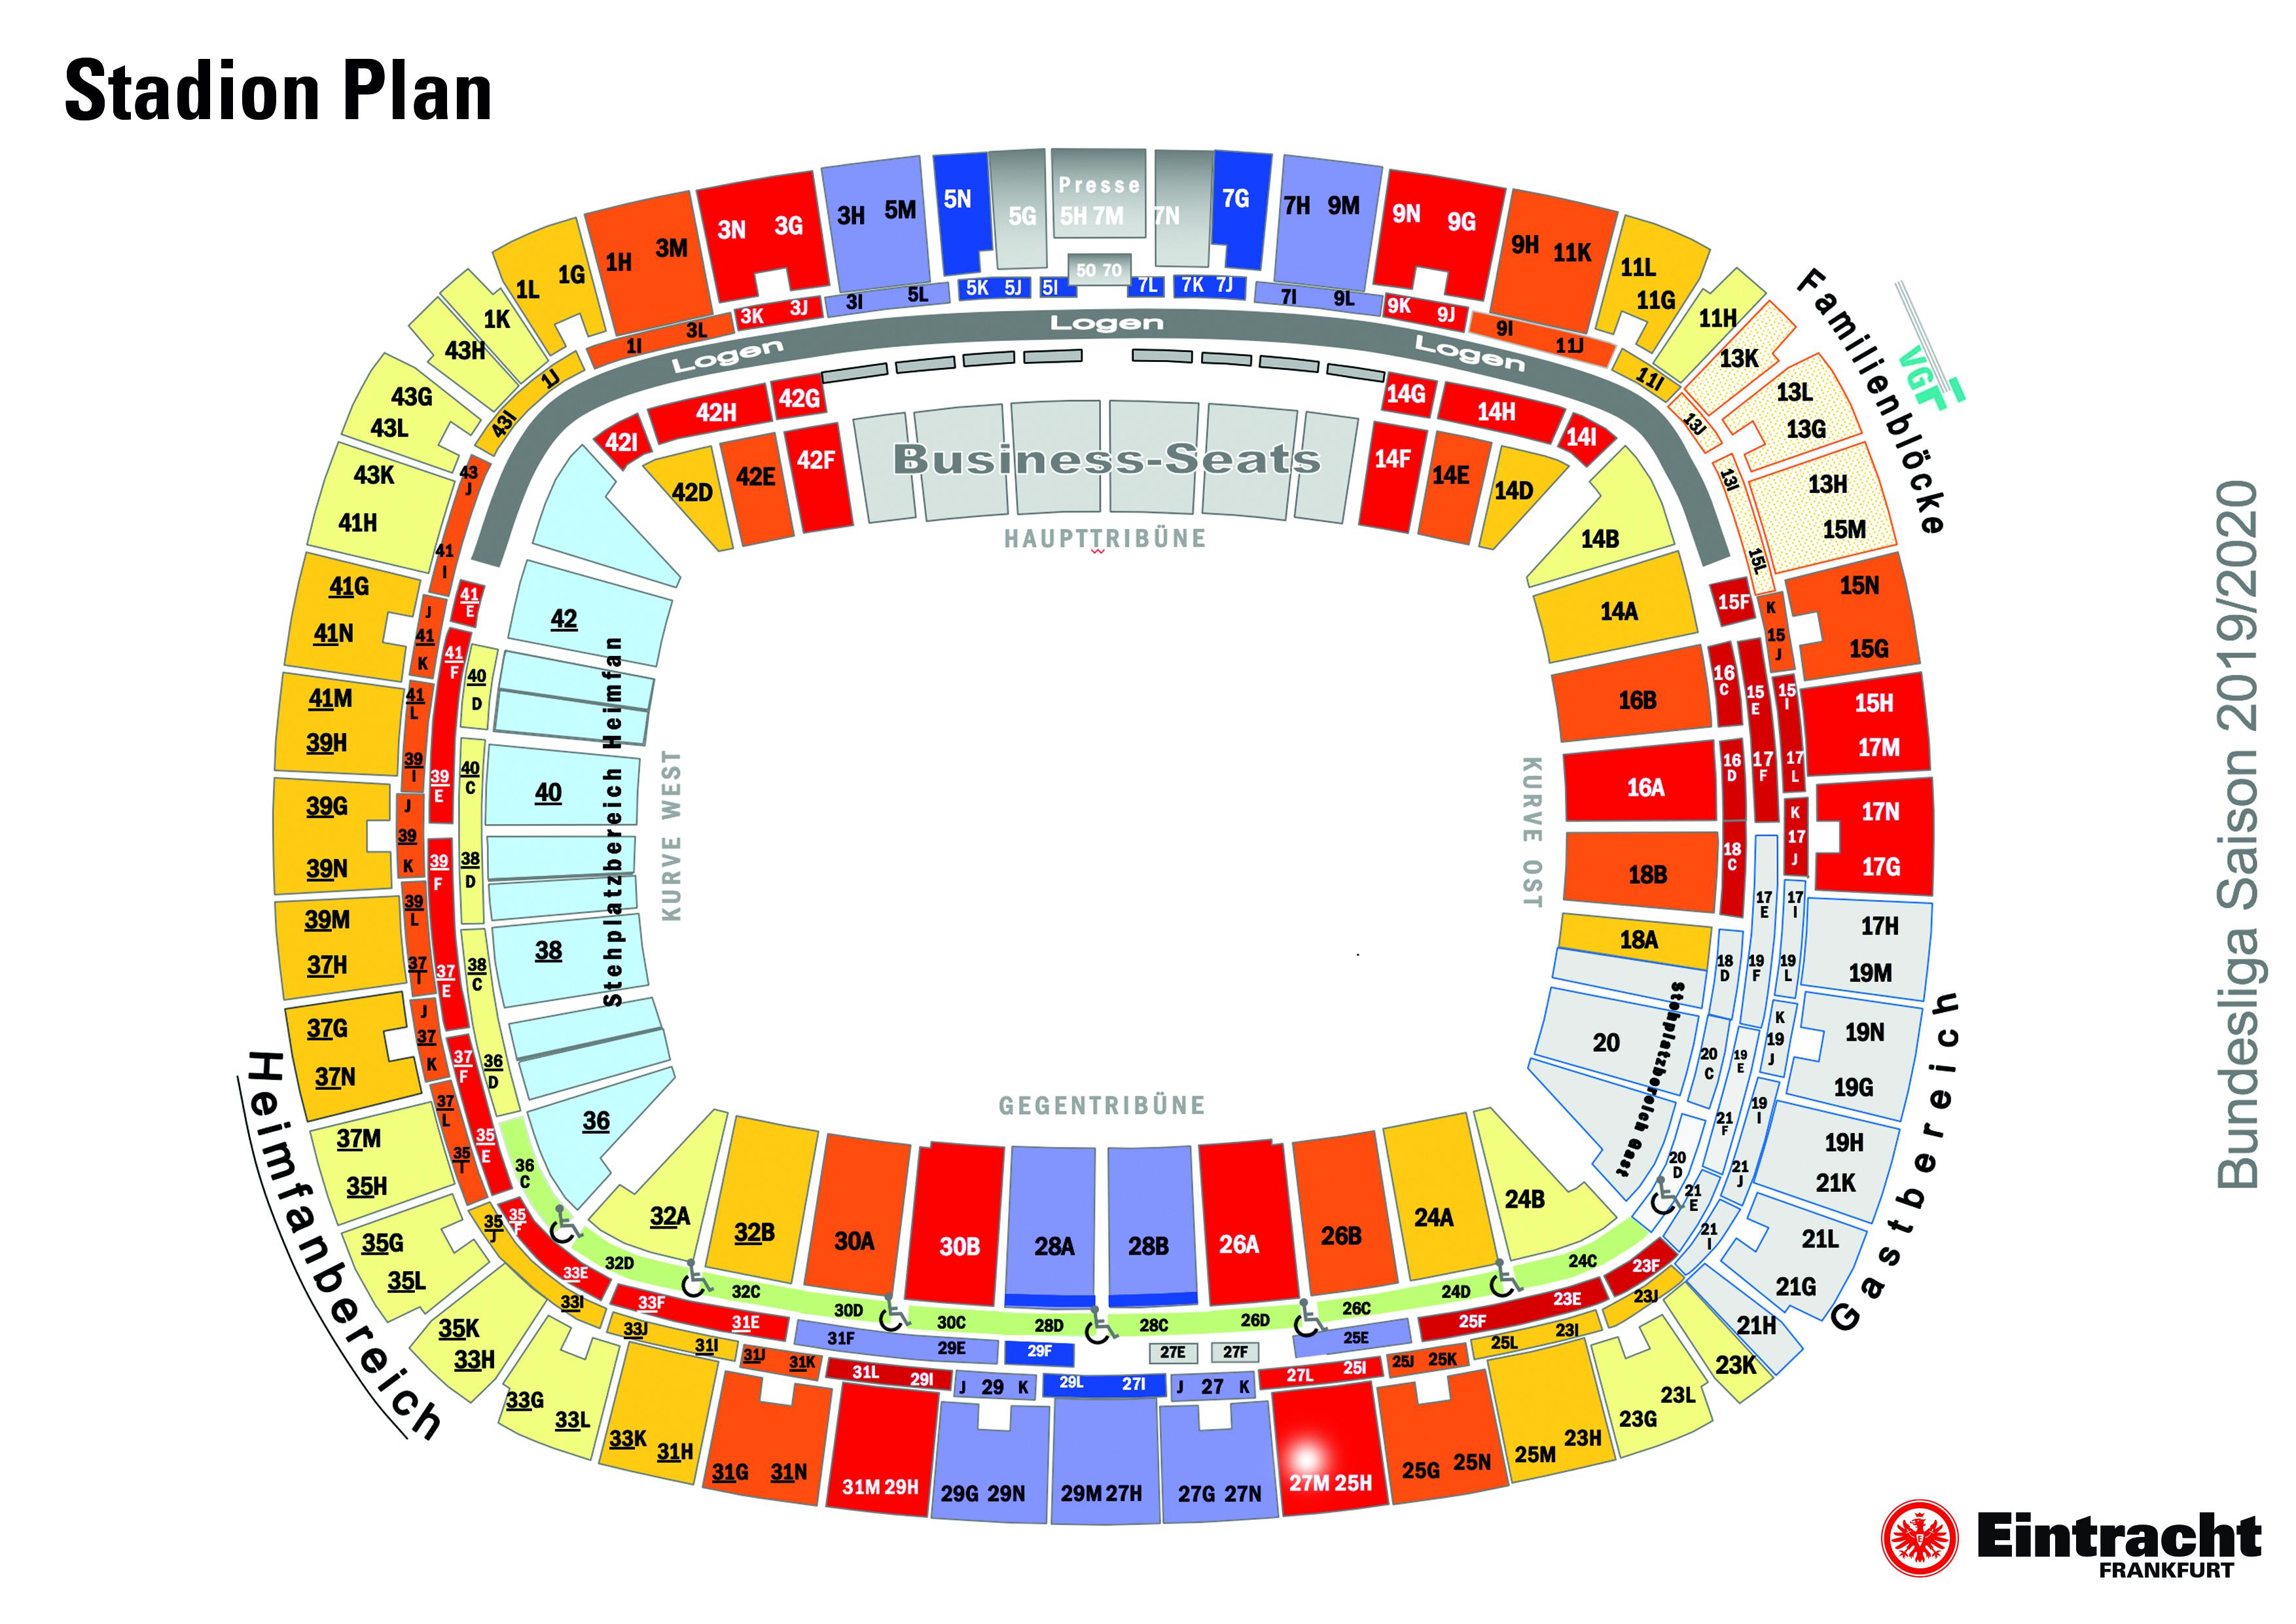 Eintracht Frankfurt Stadion Plan